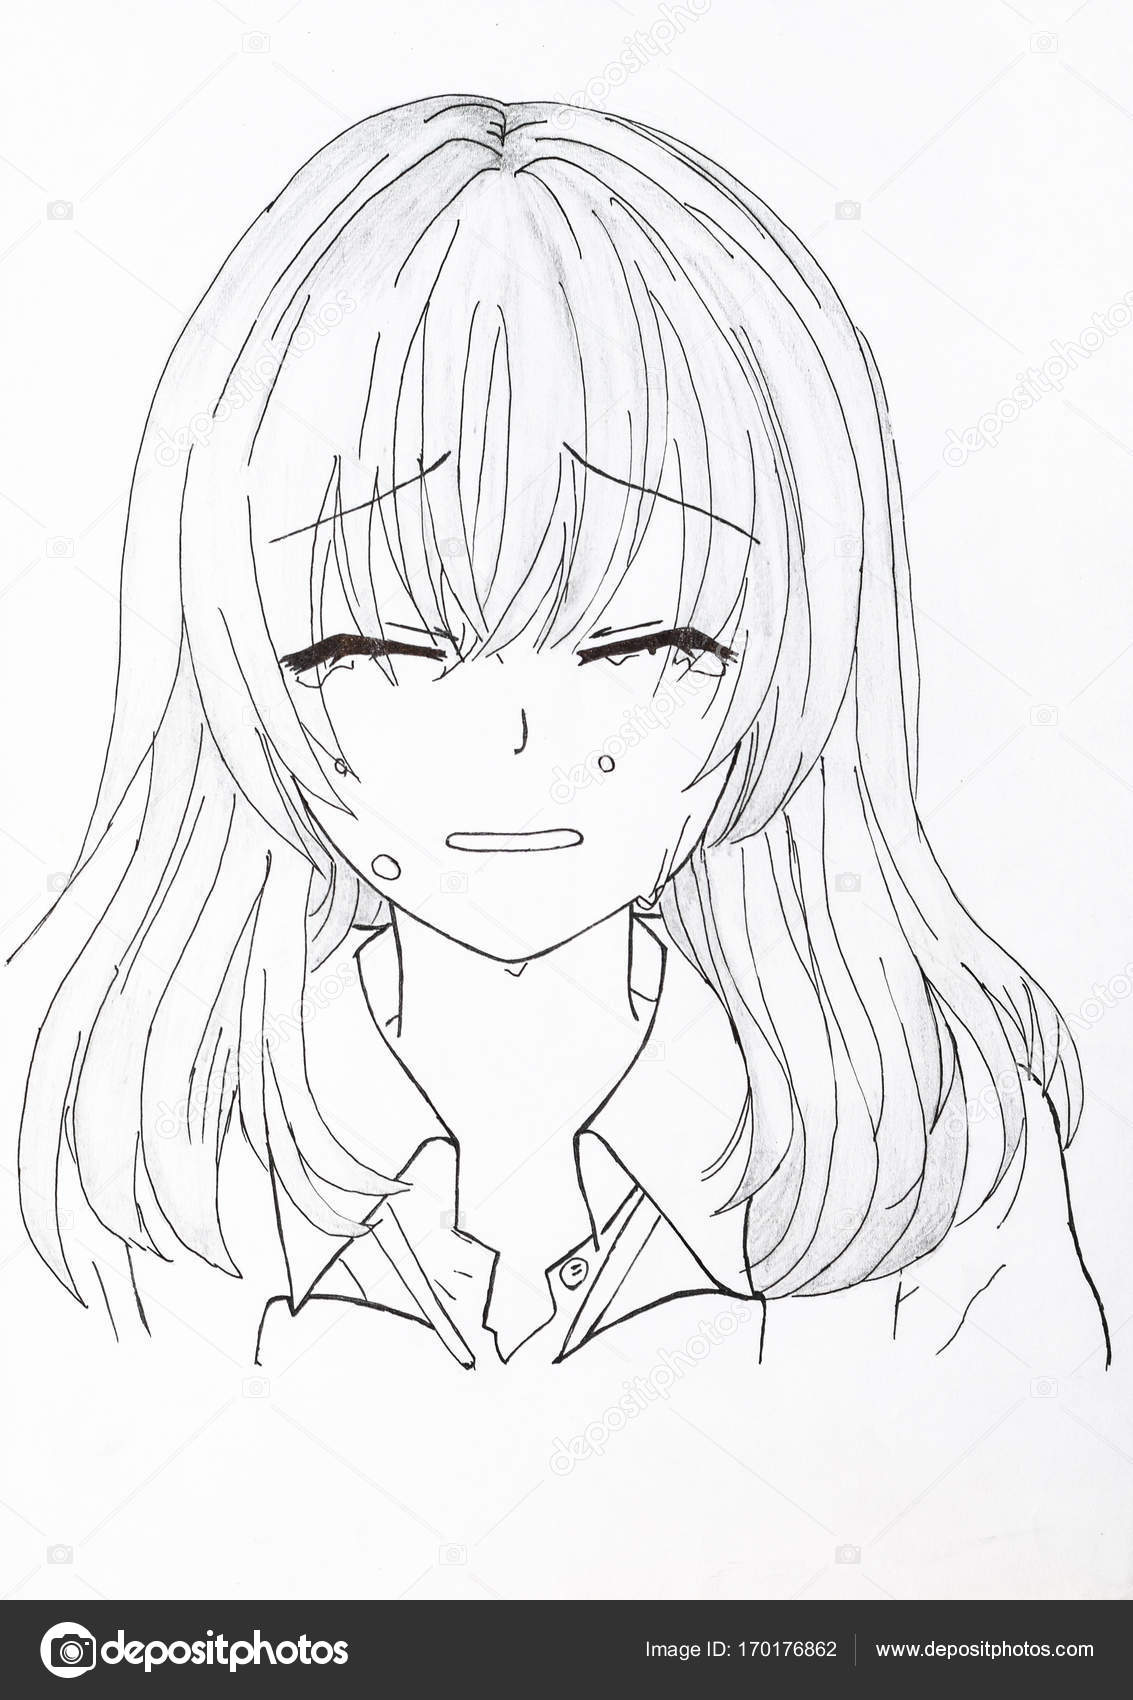 Disegno in stile anime foto di una ragazza nella foto - Immagine di una ragazza a colori ...